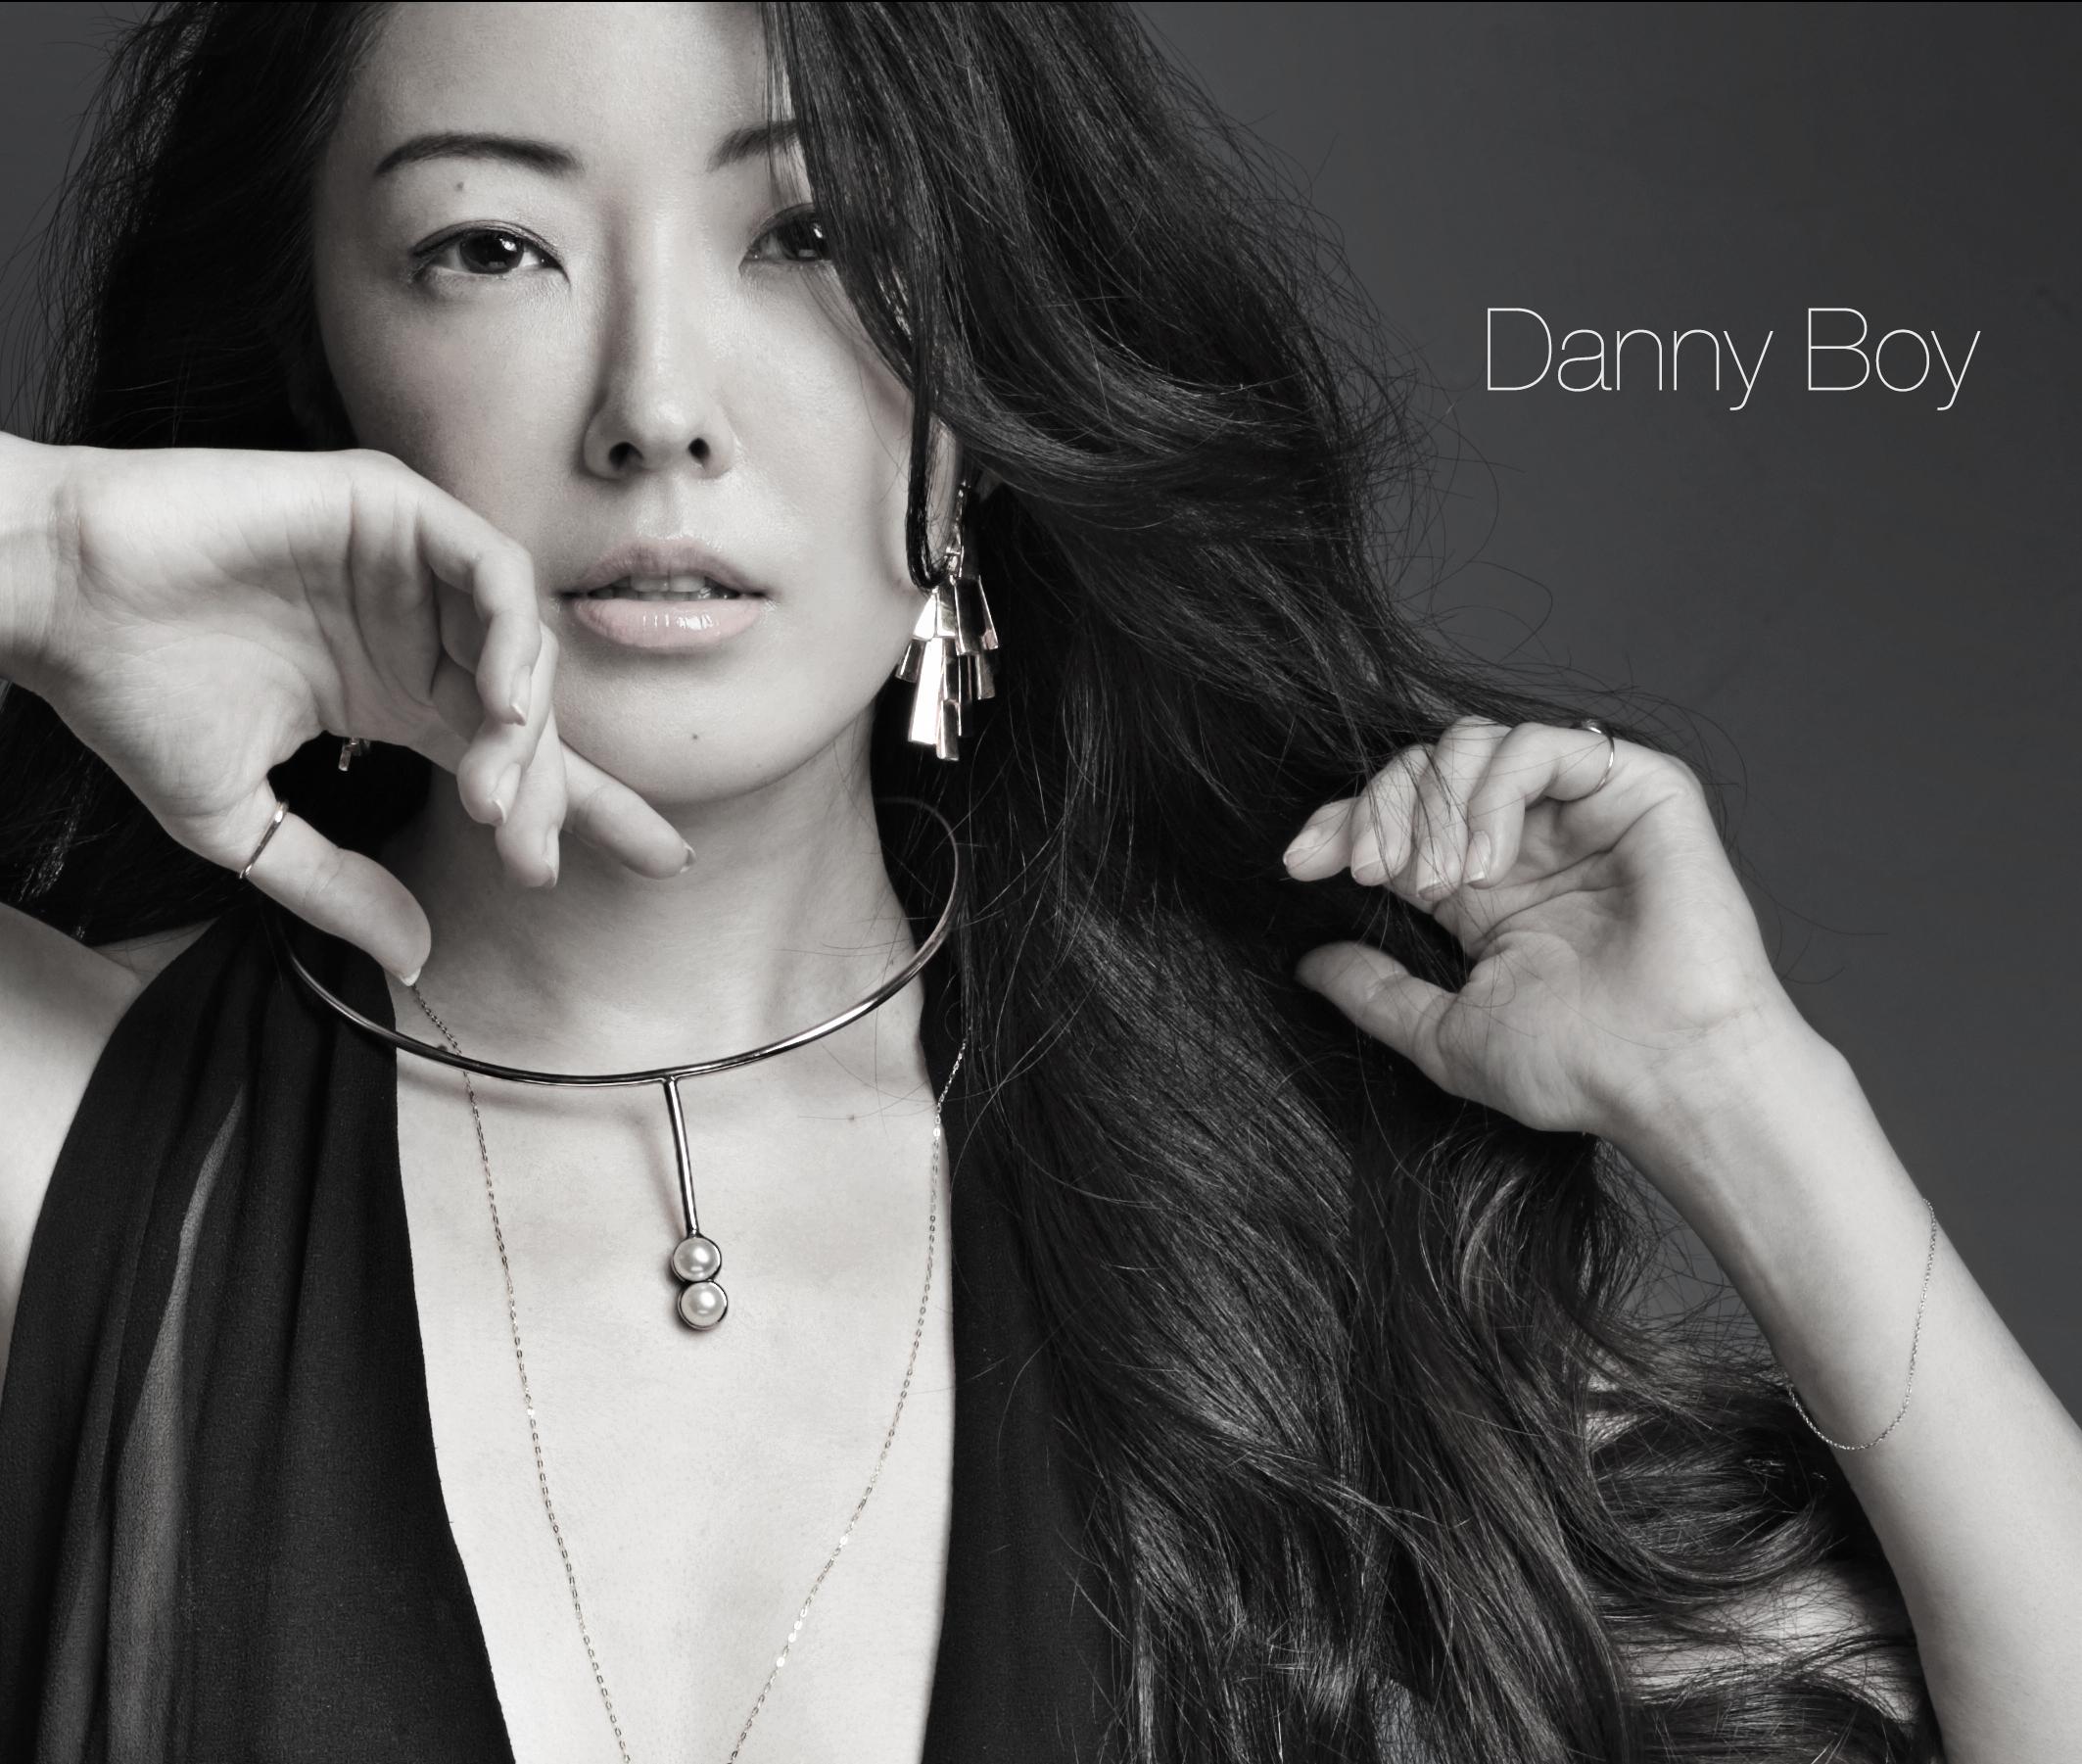 期間限定DannyBoy 2016年12月30日ダウンロード配信終わりです。